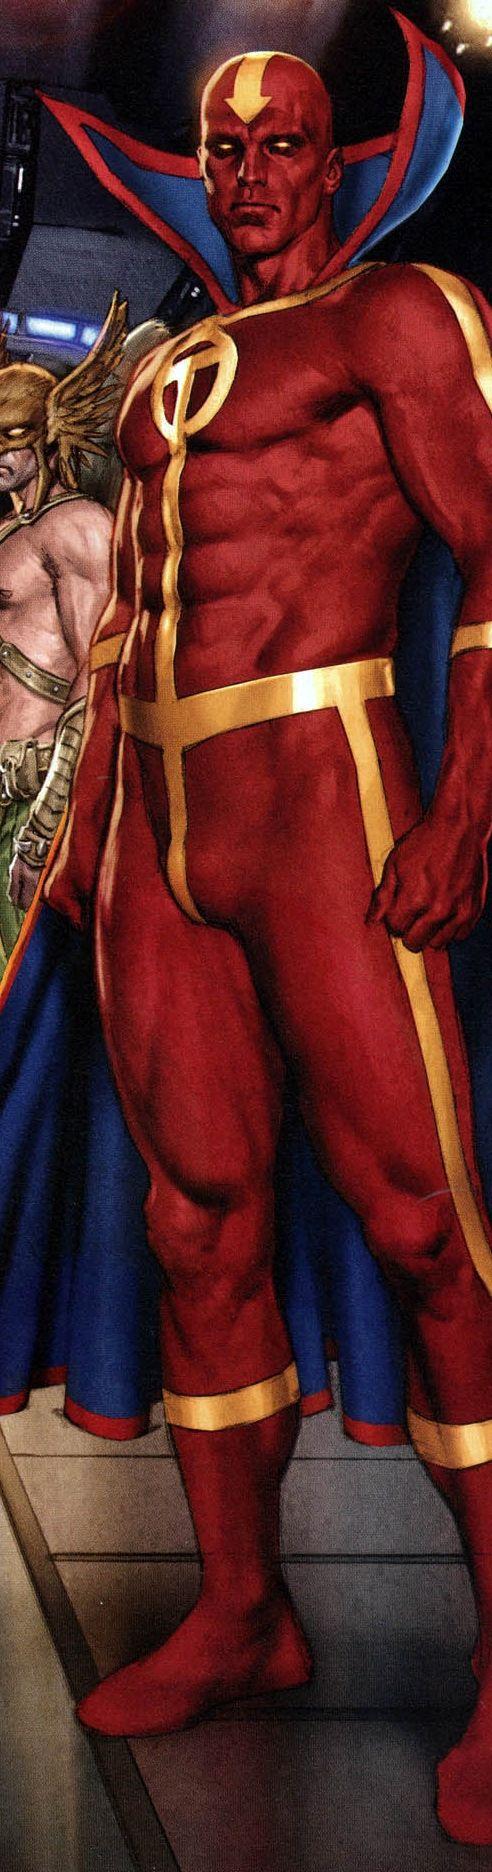 Red Tornado | Superheroes! | Pinterest